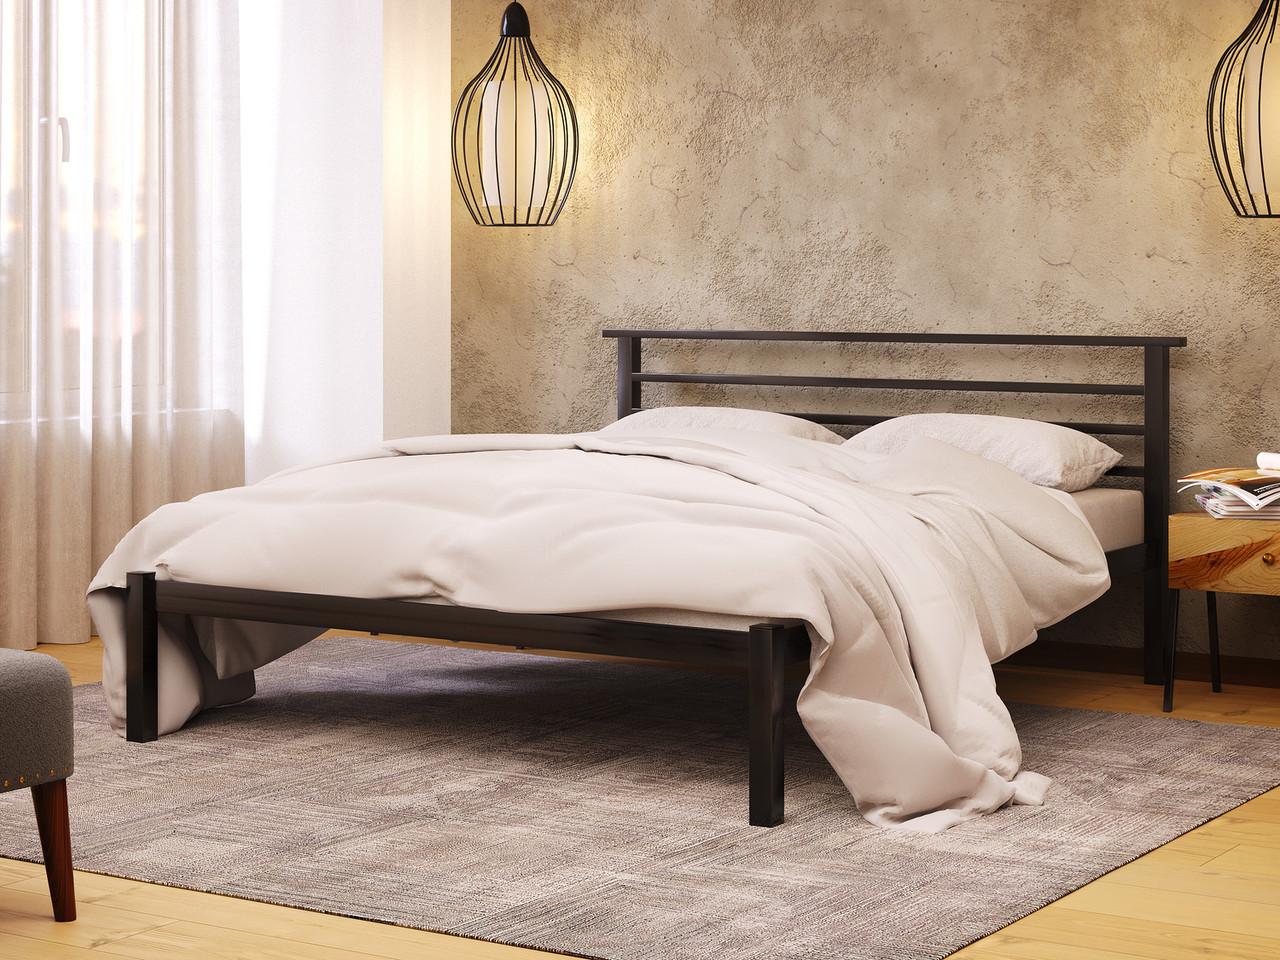 Кровать Метакам LEX . КроватьЛекс. Металлическая кровать. Метакам